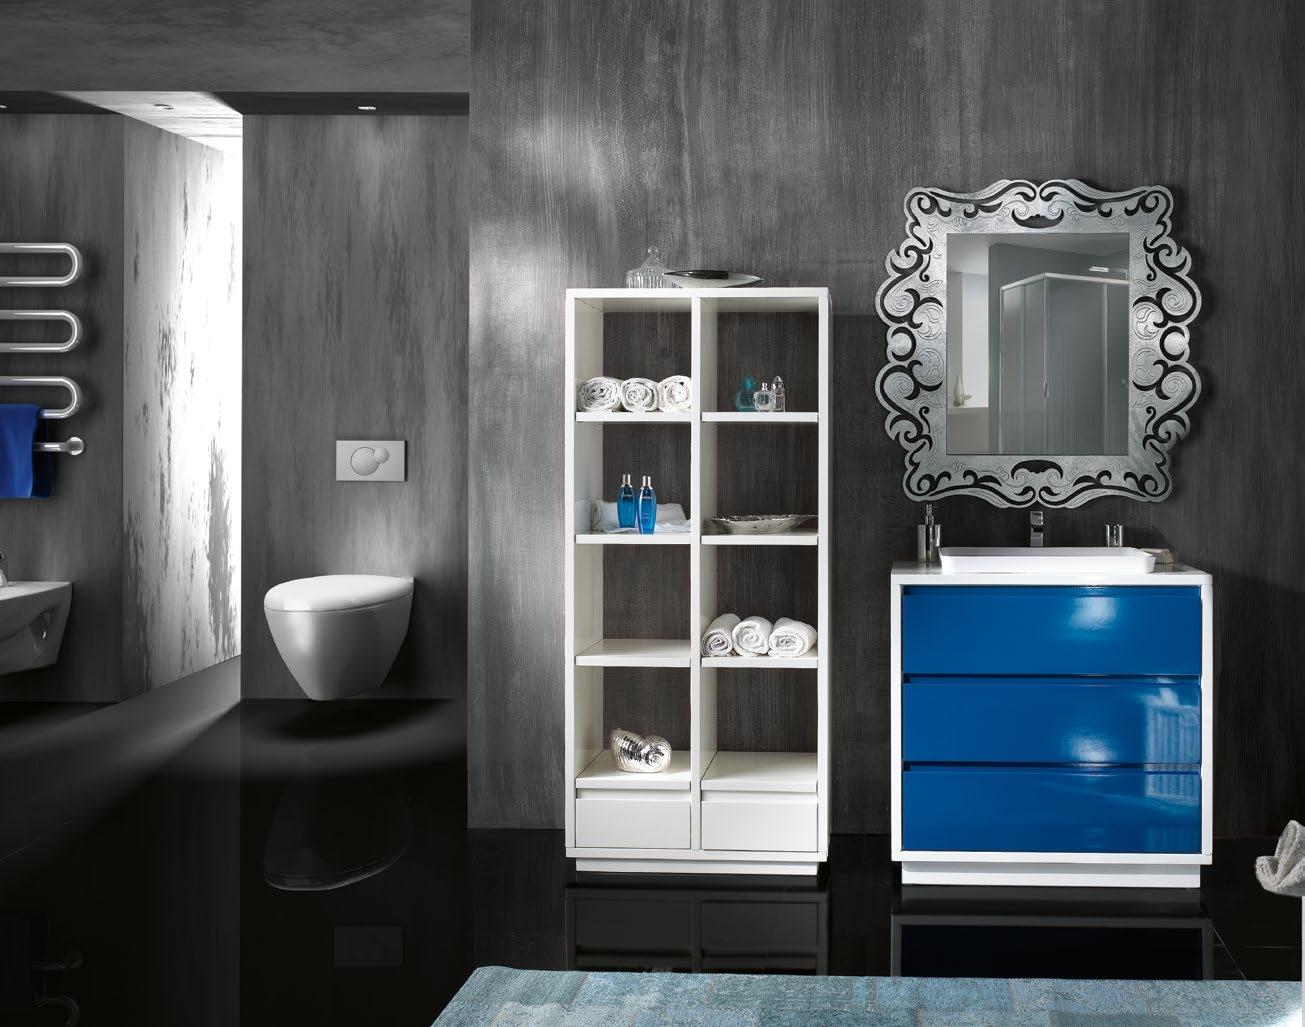 Mobile arredo bagno con i cassettoni lavello ad incasso for Ad giornale di arredamento